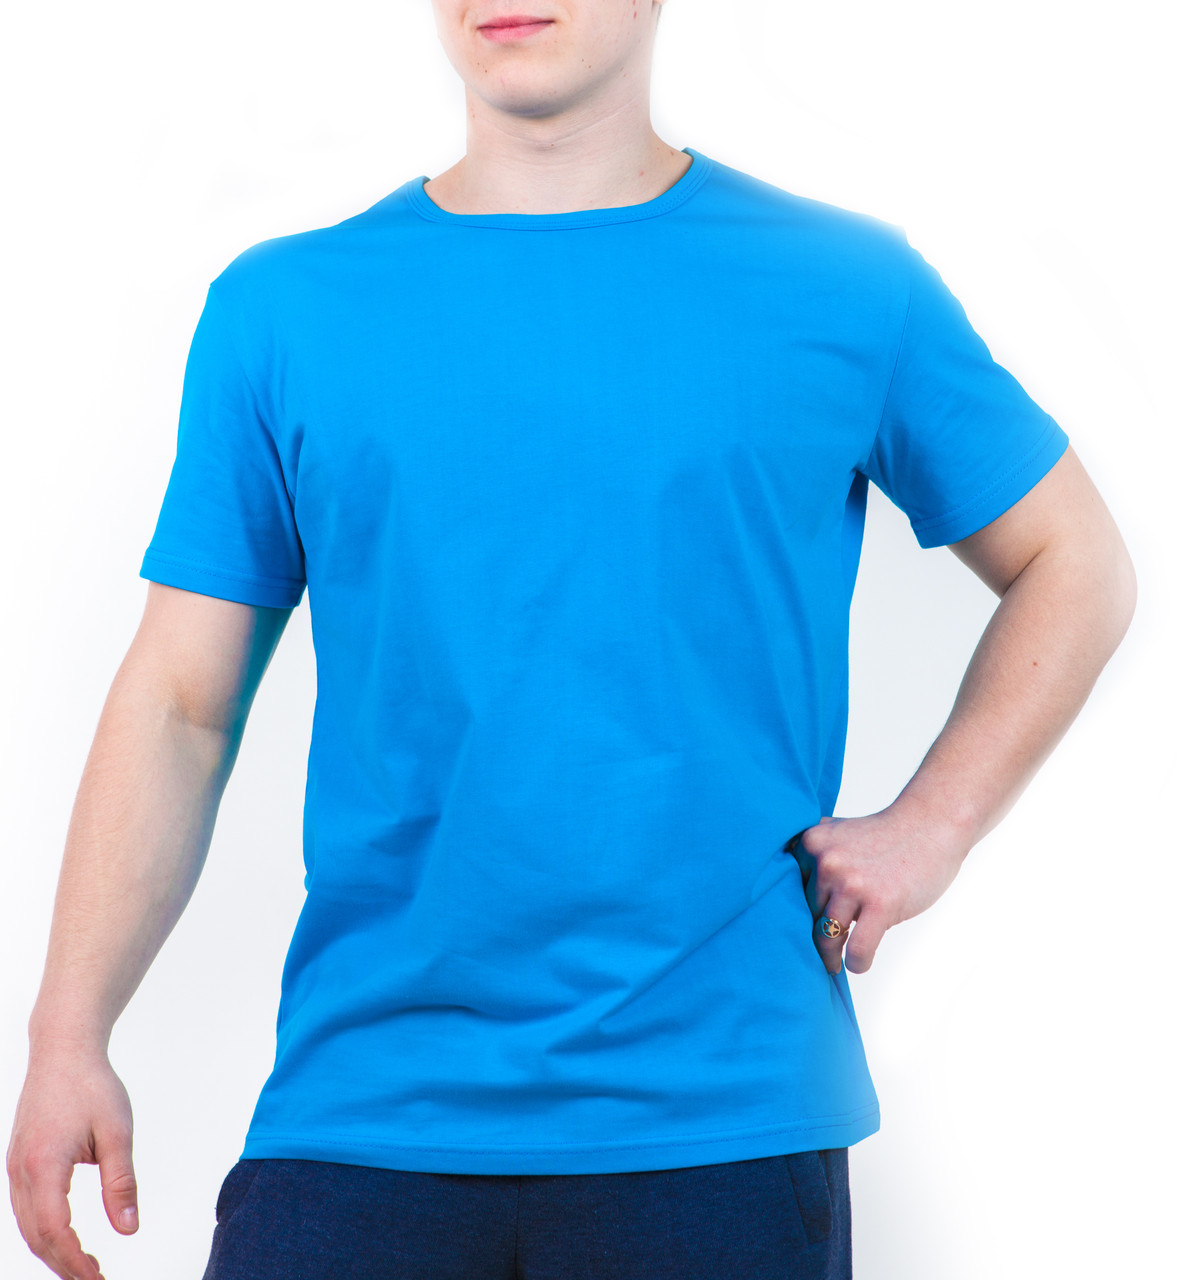 Bono Футболка мужская голубая хлопковая 000153